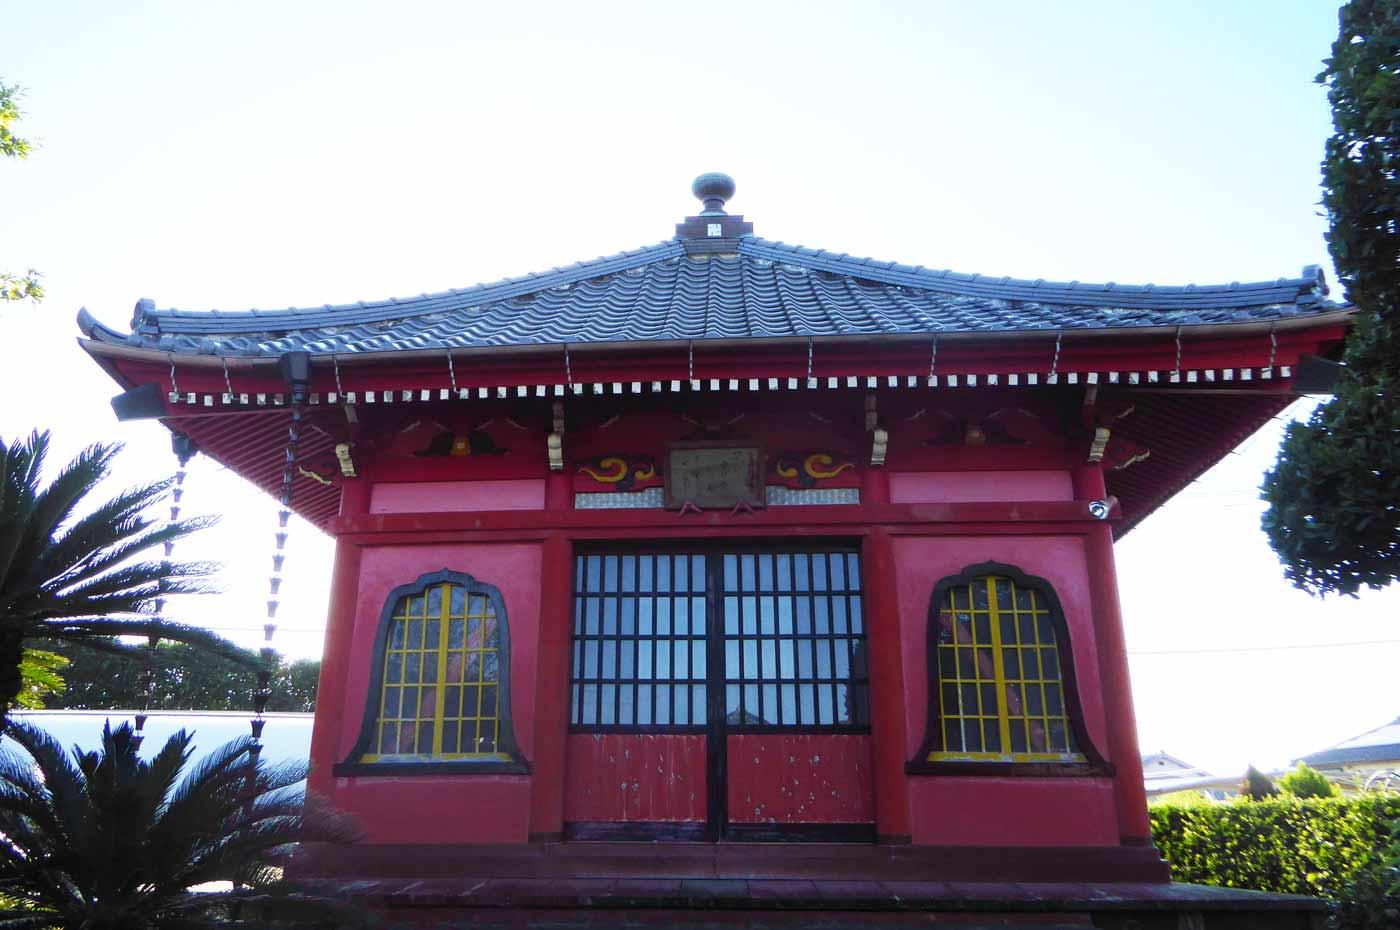 金蓮院の観音堂の画像